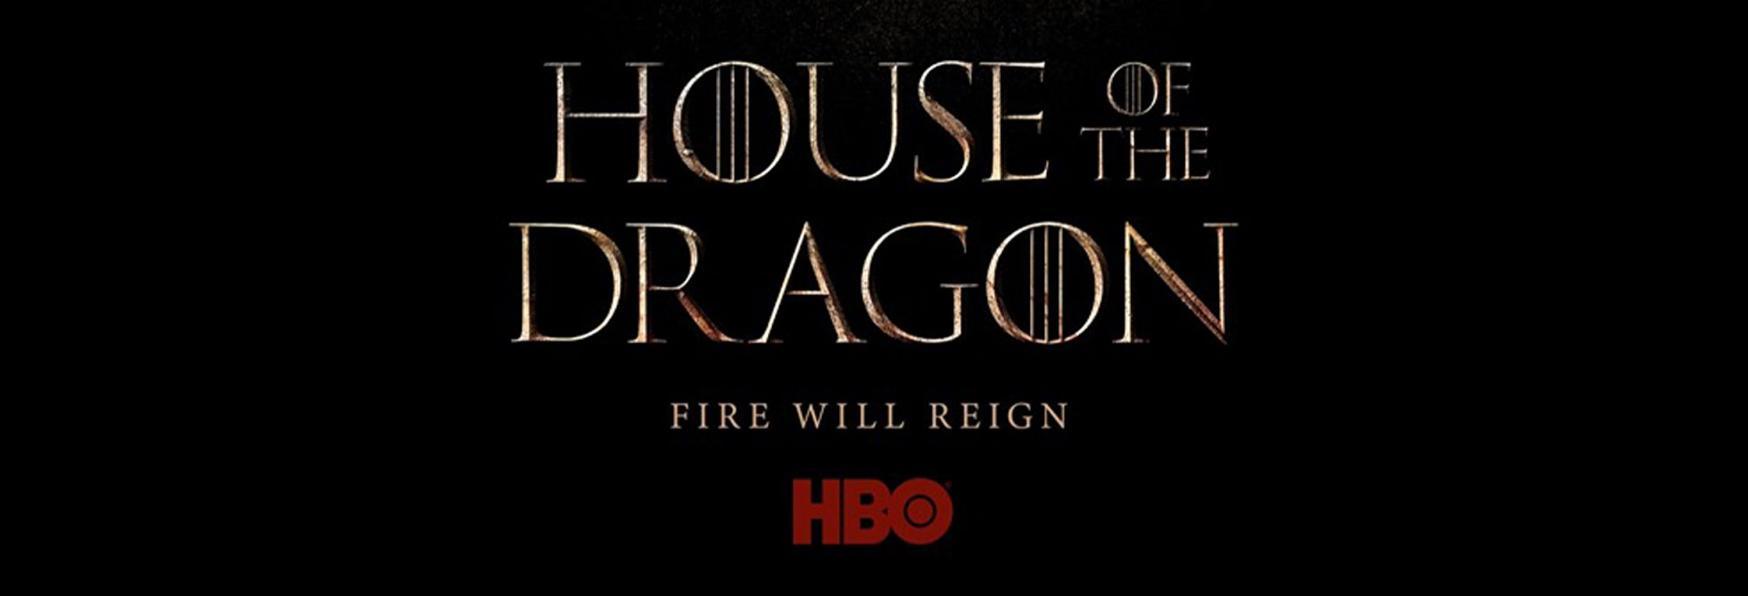 House of the Dragon: tutti gli Aggiornamenti sull'atteso Spin-off di Game of Thrones